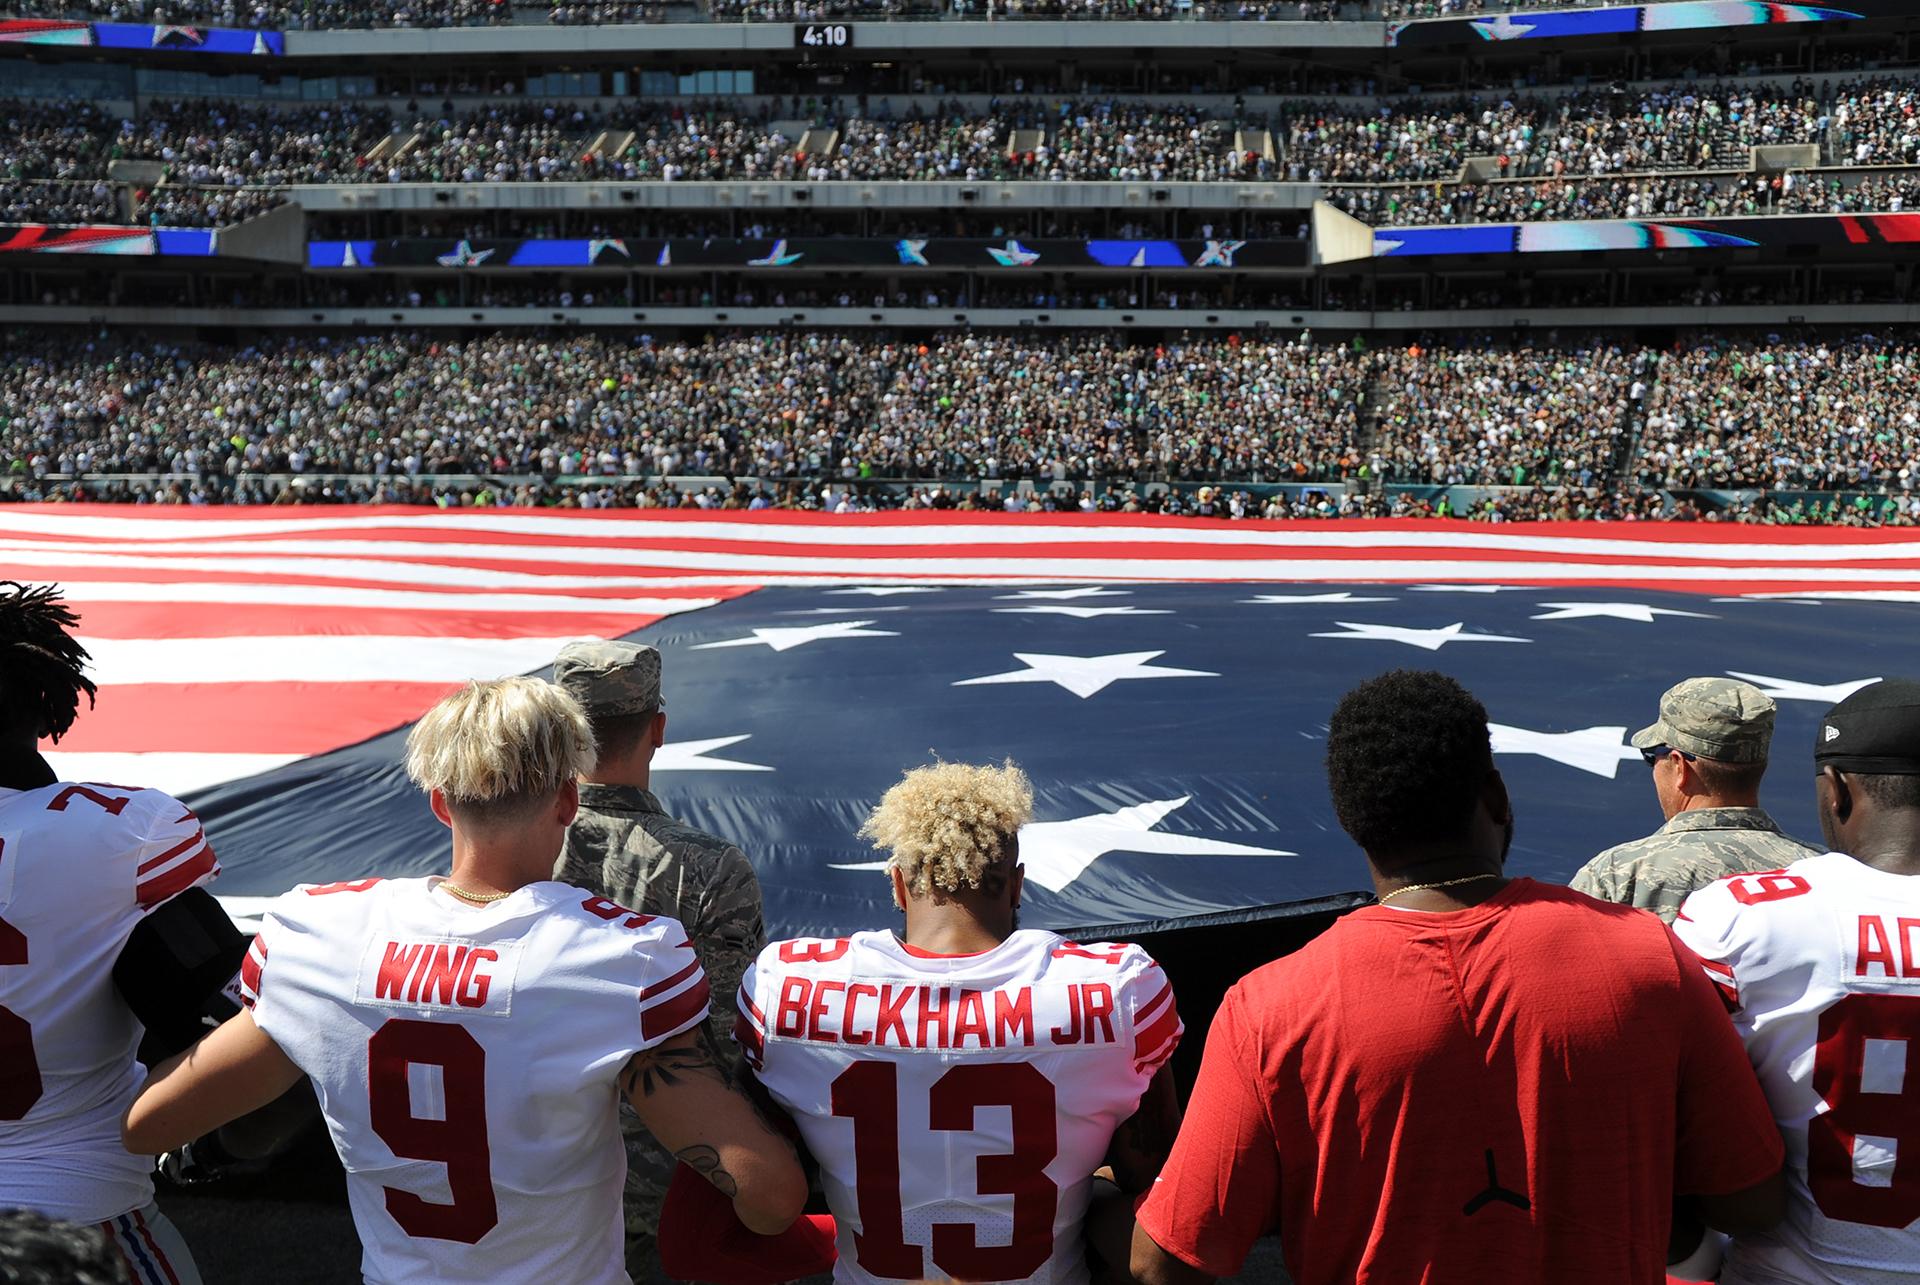 Odell Beckham Jr (13) cruzalos brazos con el puntero Brad Wing (9) durante el himno nacional antes del partido contra los Philadelphia Eagles en el Lincoln Financial Field